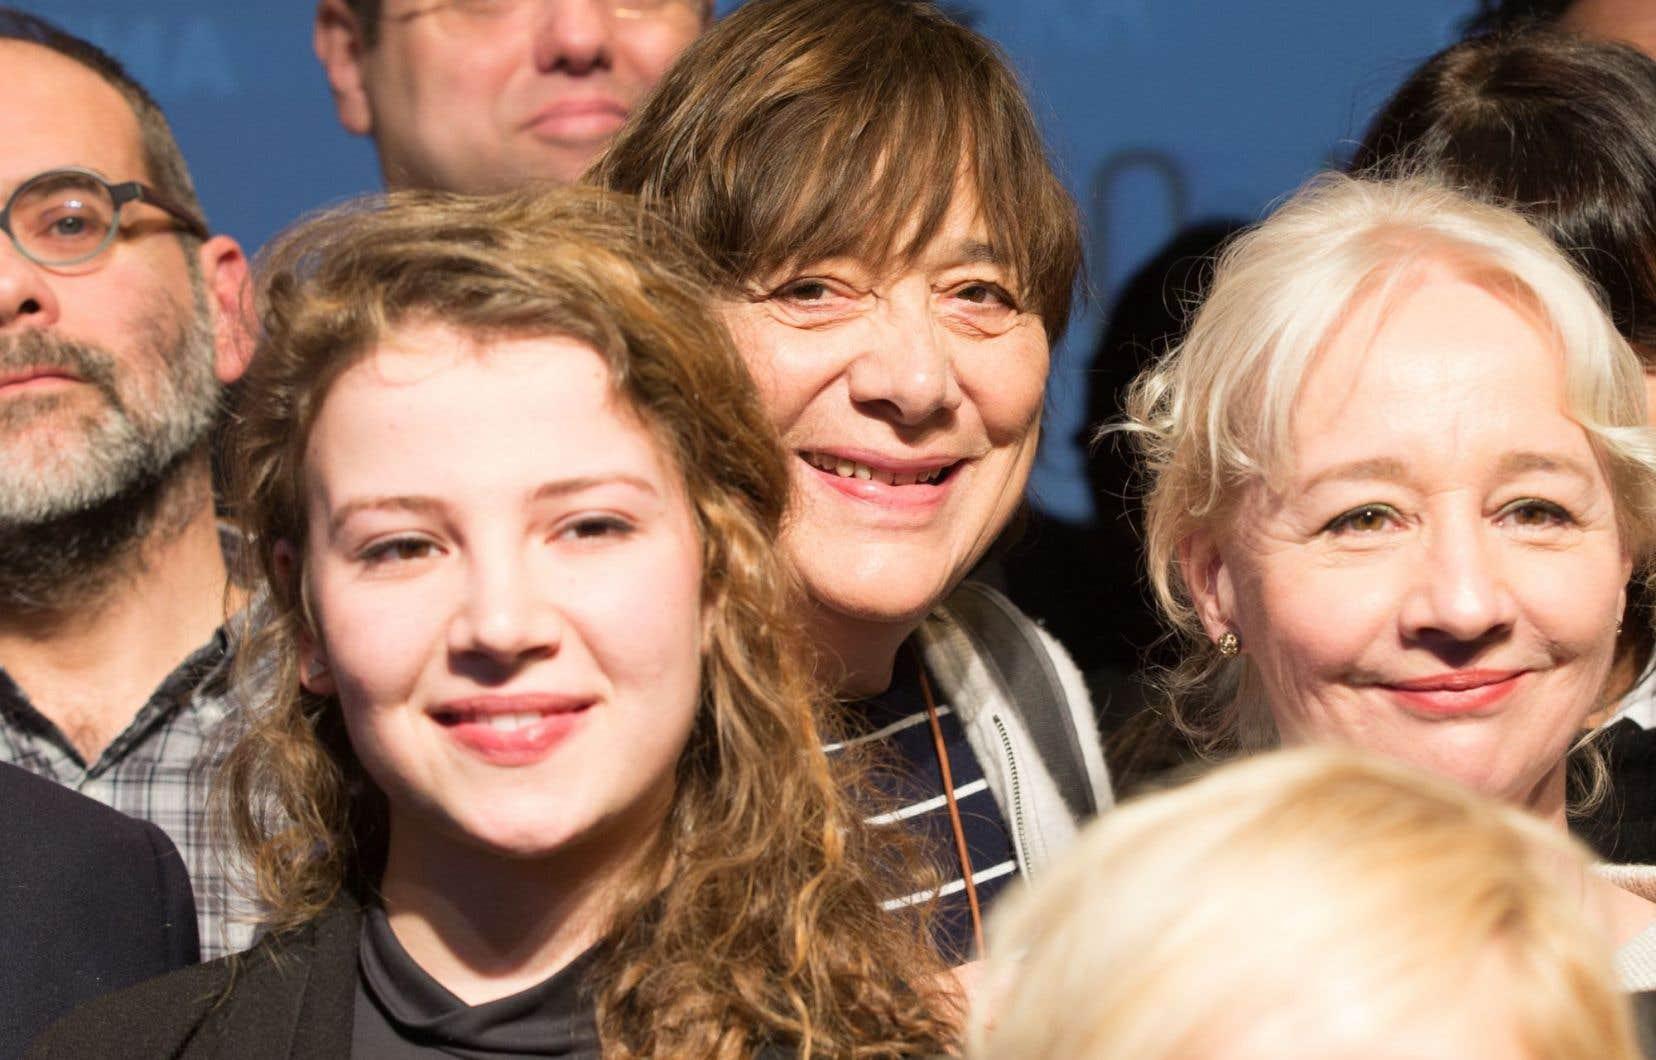 La cinéaste de <em>La passion d'Augustine</em>, Léa Pool (au centre), est en nomination pour la meilleure réalisation, tandis que deux des actrices qu'elle a dirigées dans ce film, Lysandre Ménard et Diane Lavallée (à l'avant-plan), sont en lice pour le prix de la meilleure actrice de soutien.